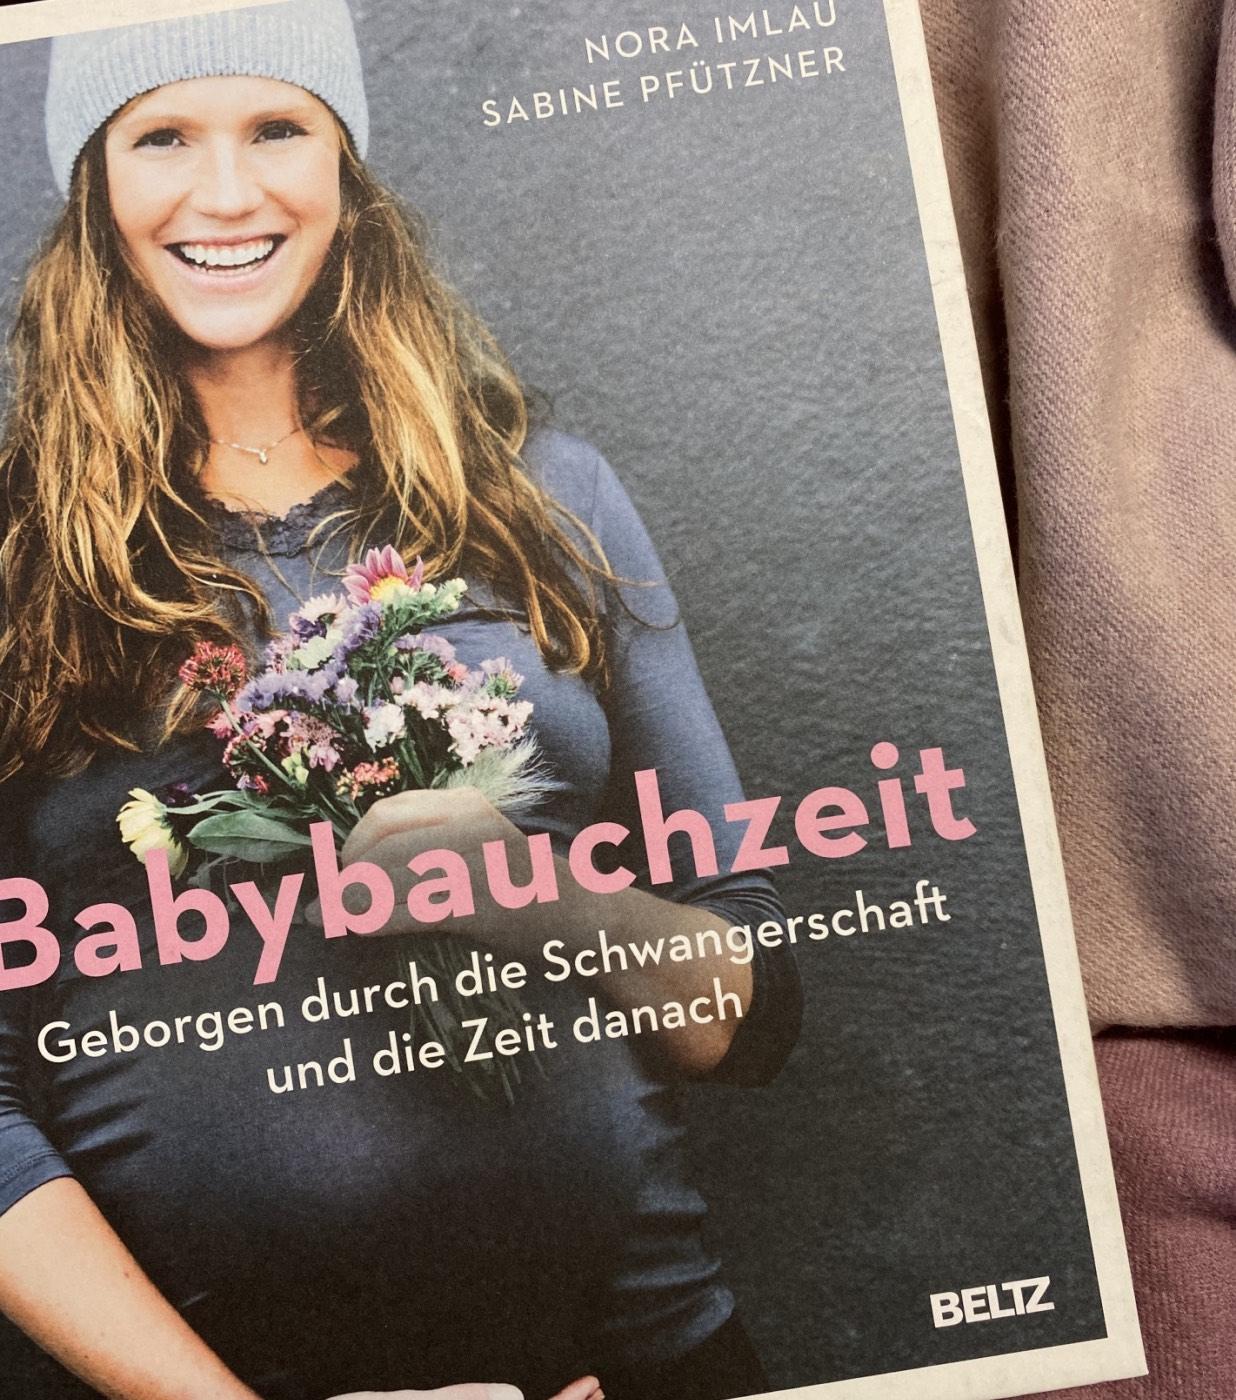 Babybauchzeit: Dein Begleiter für die Schwangerschaft